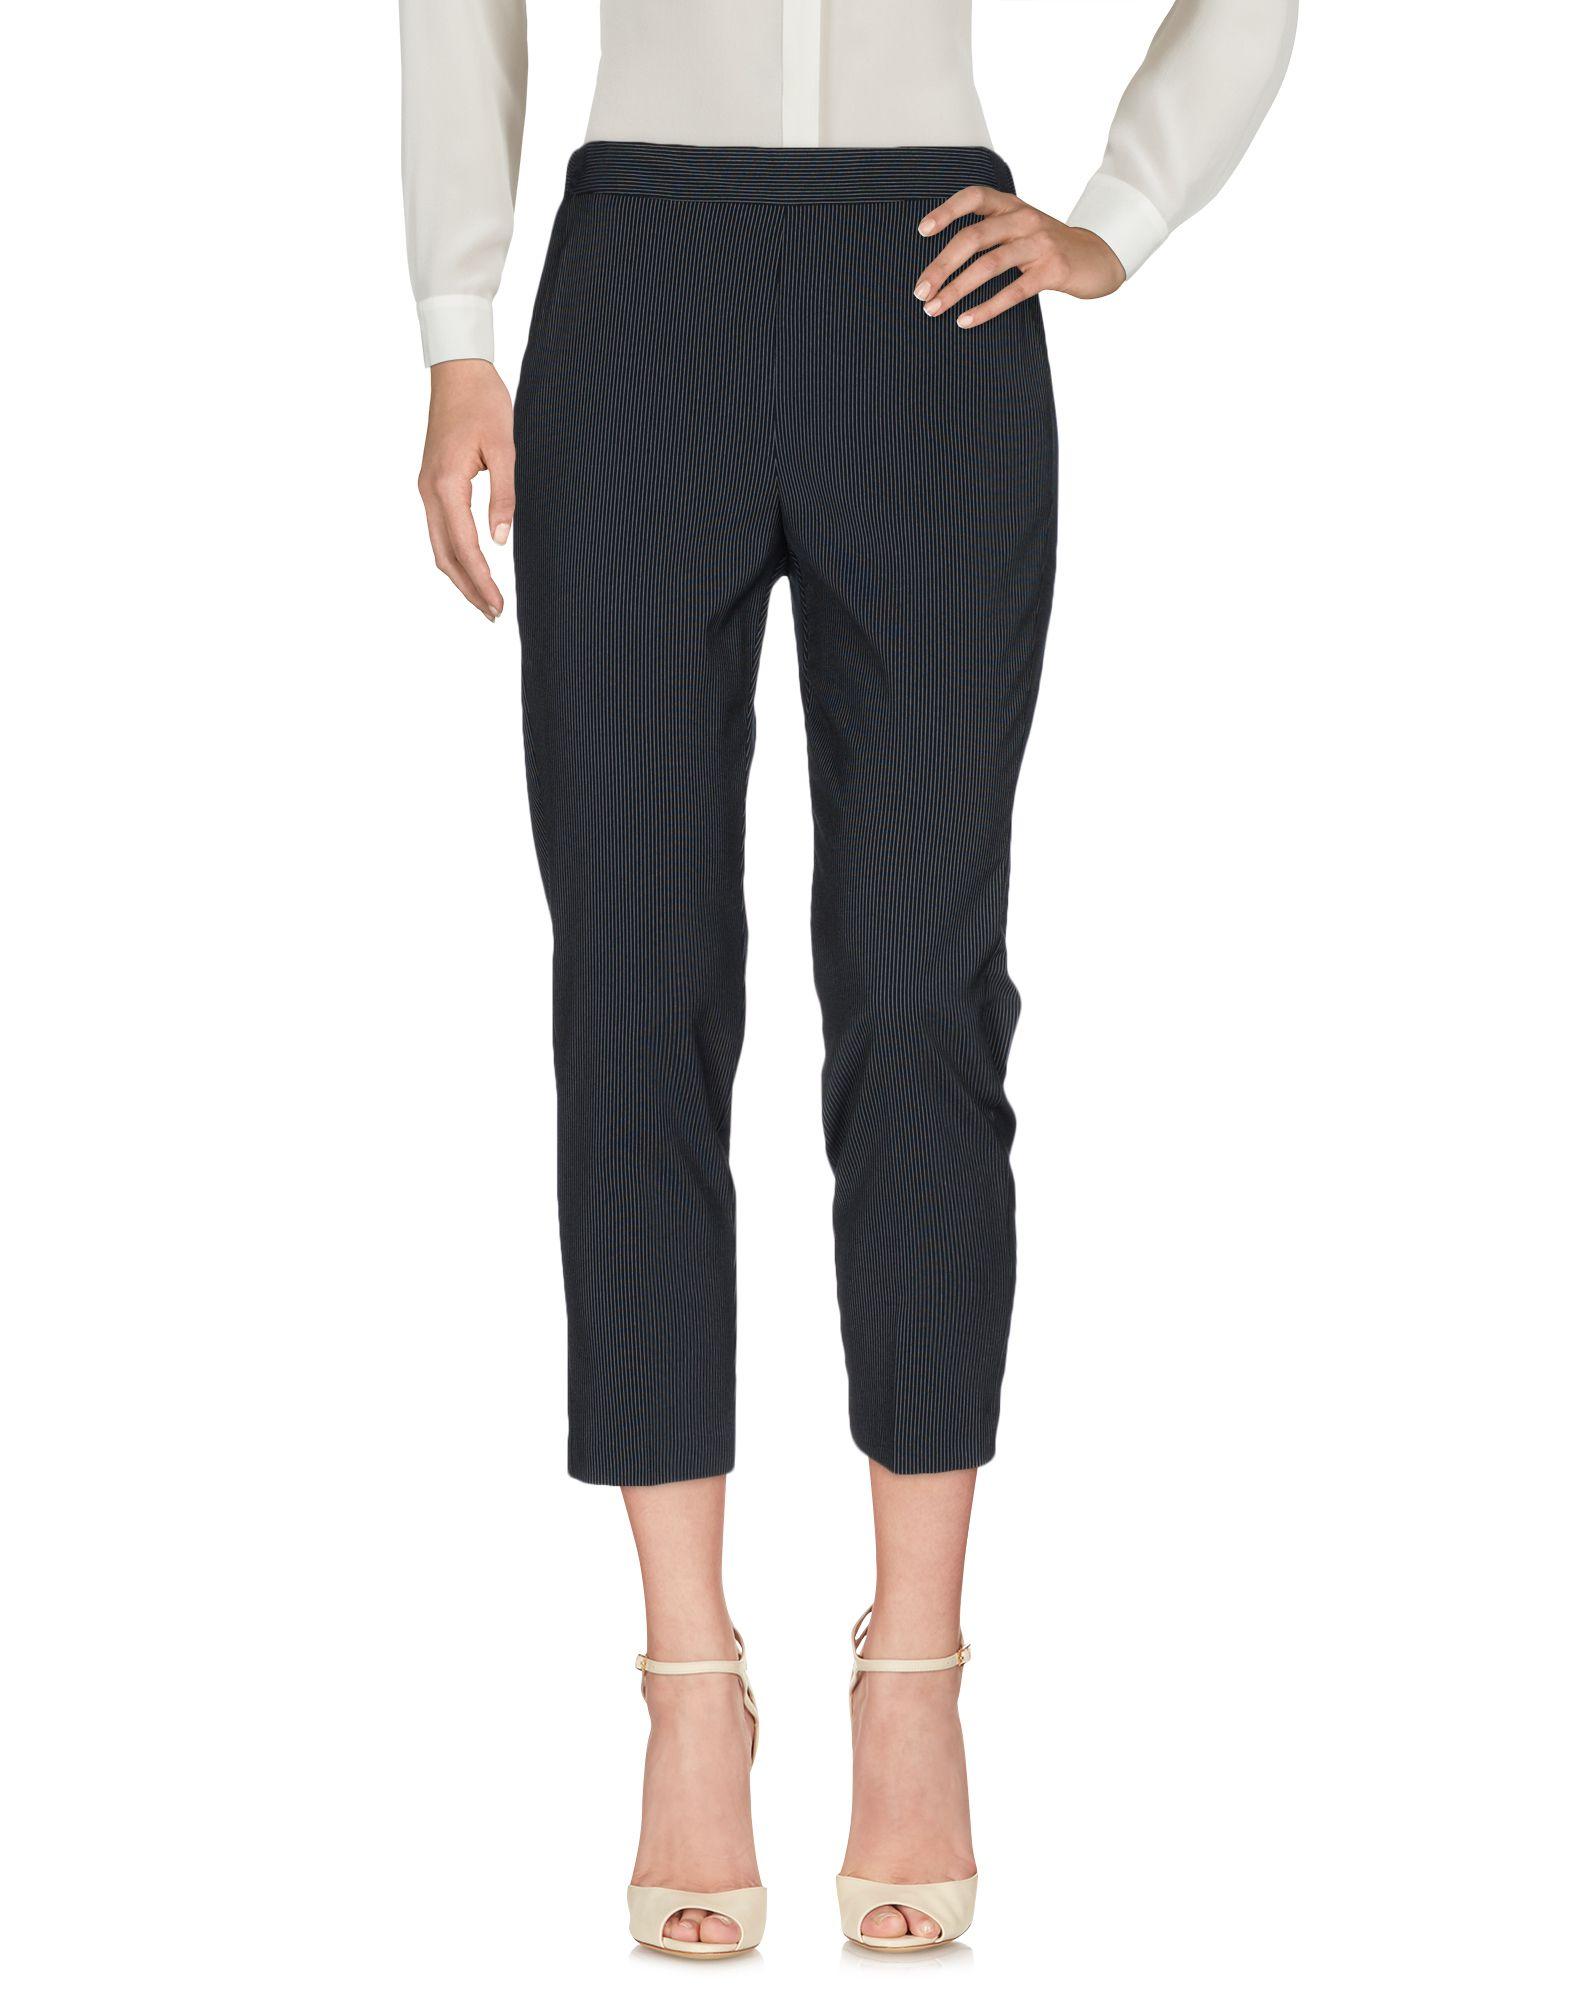 HOPE COLLECTION Повседневные брюки playboy vip collection повседневные брюки мужские девятки брюки тонкие тонкие фитинги прямые брюки 1904 черный 34